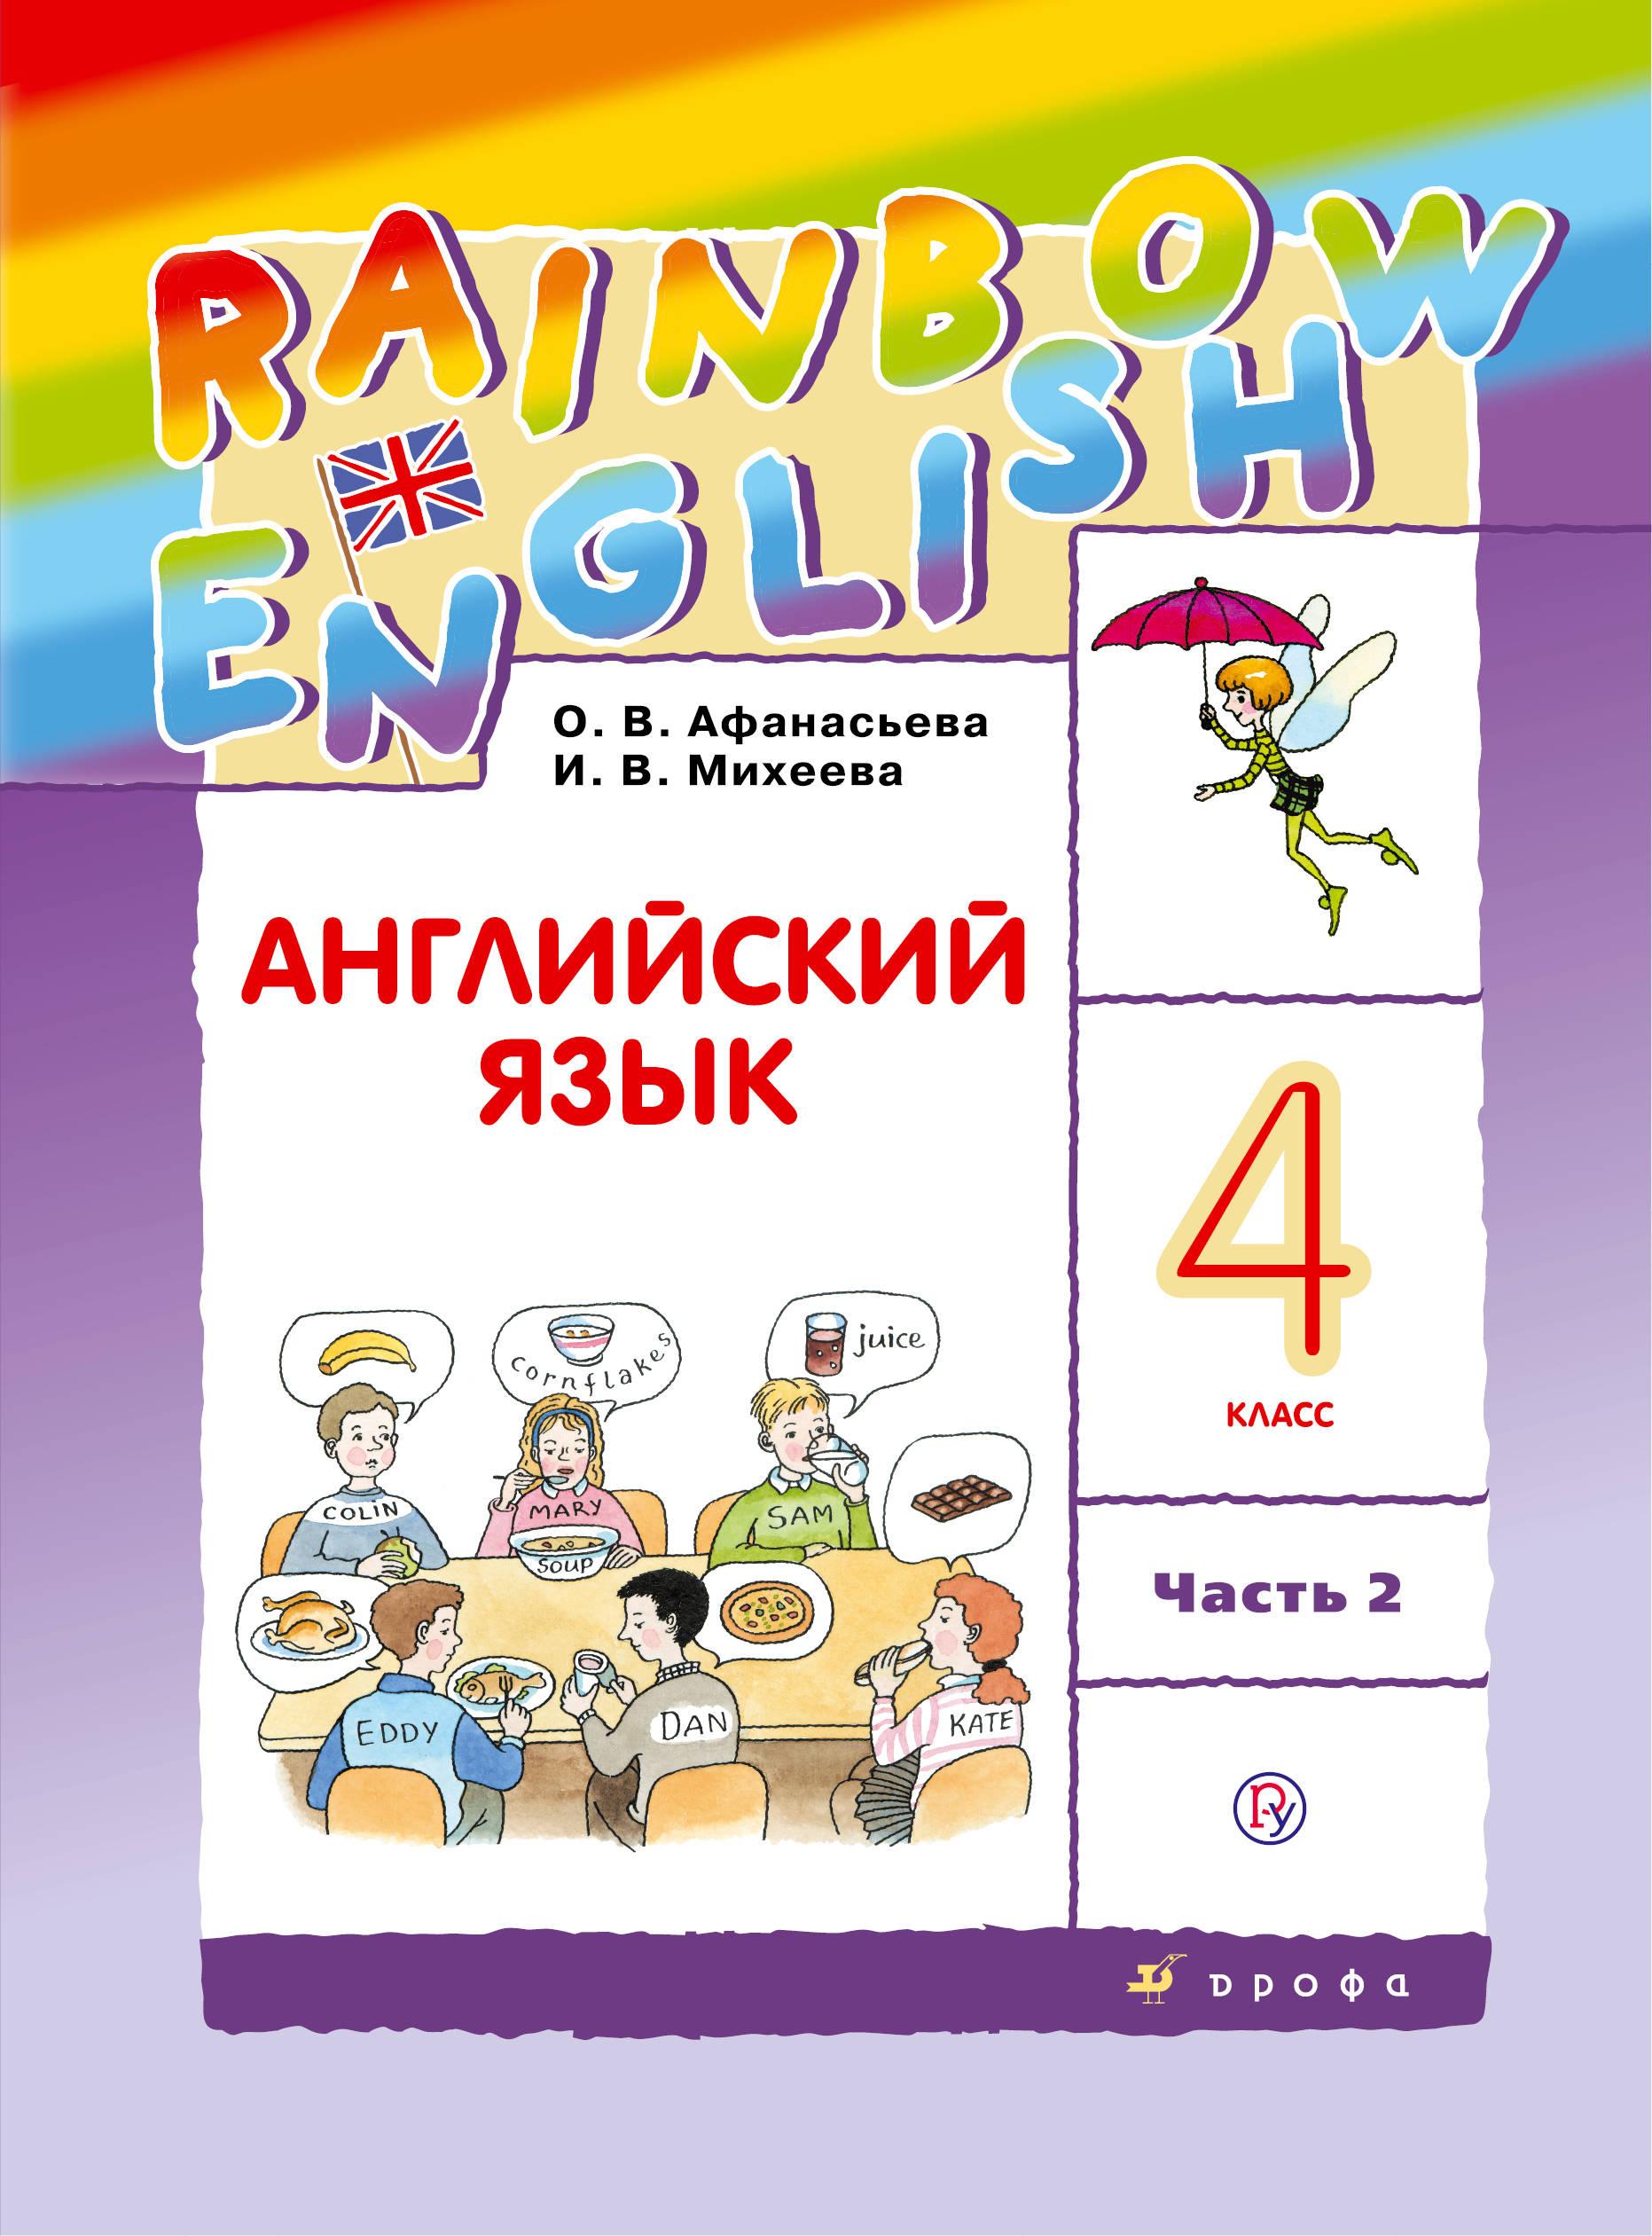 О. В. Афанасьева,И. В. Михеева Английский язык. 4 класс. Учебник в 2-х частях. Часть 2